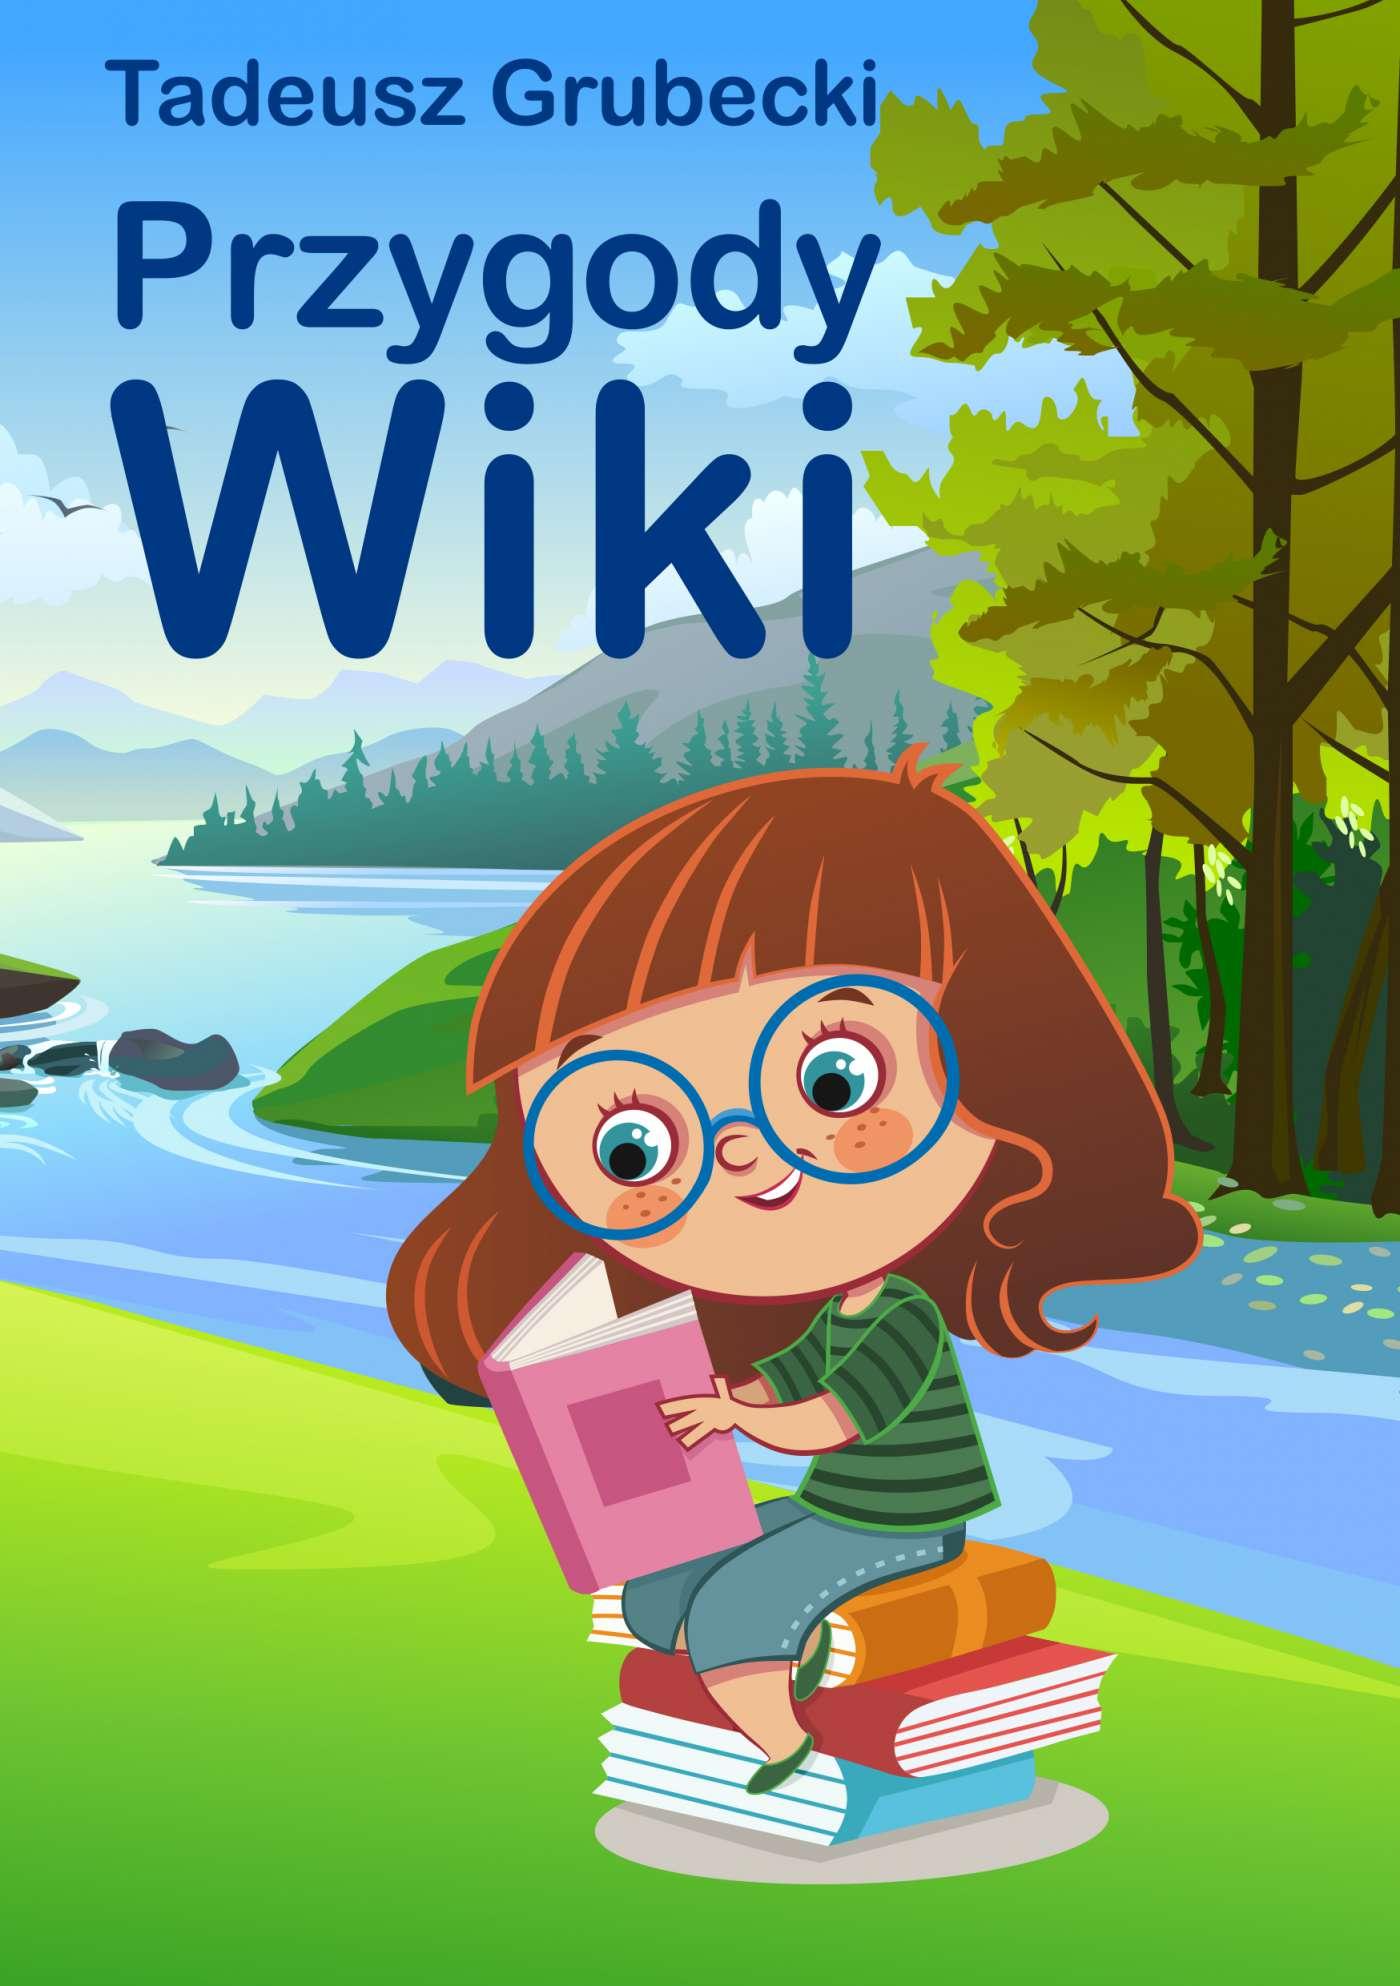 Przygody Wiki - Ebook (Książka EPUB) do pobrania w formacie EPUB